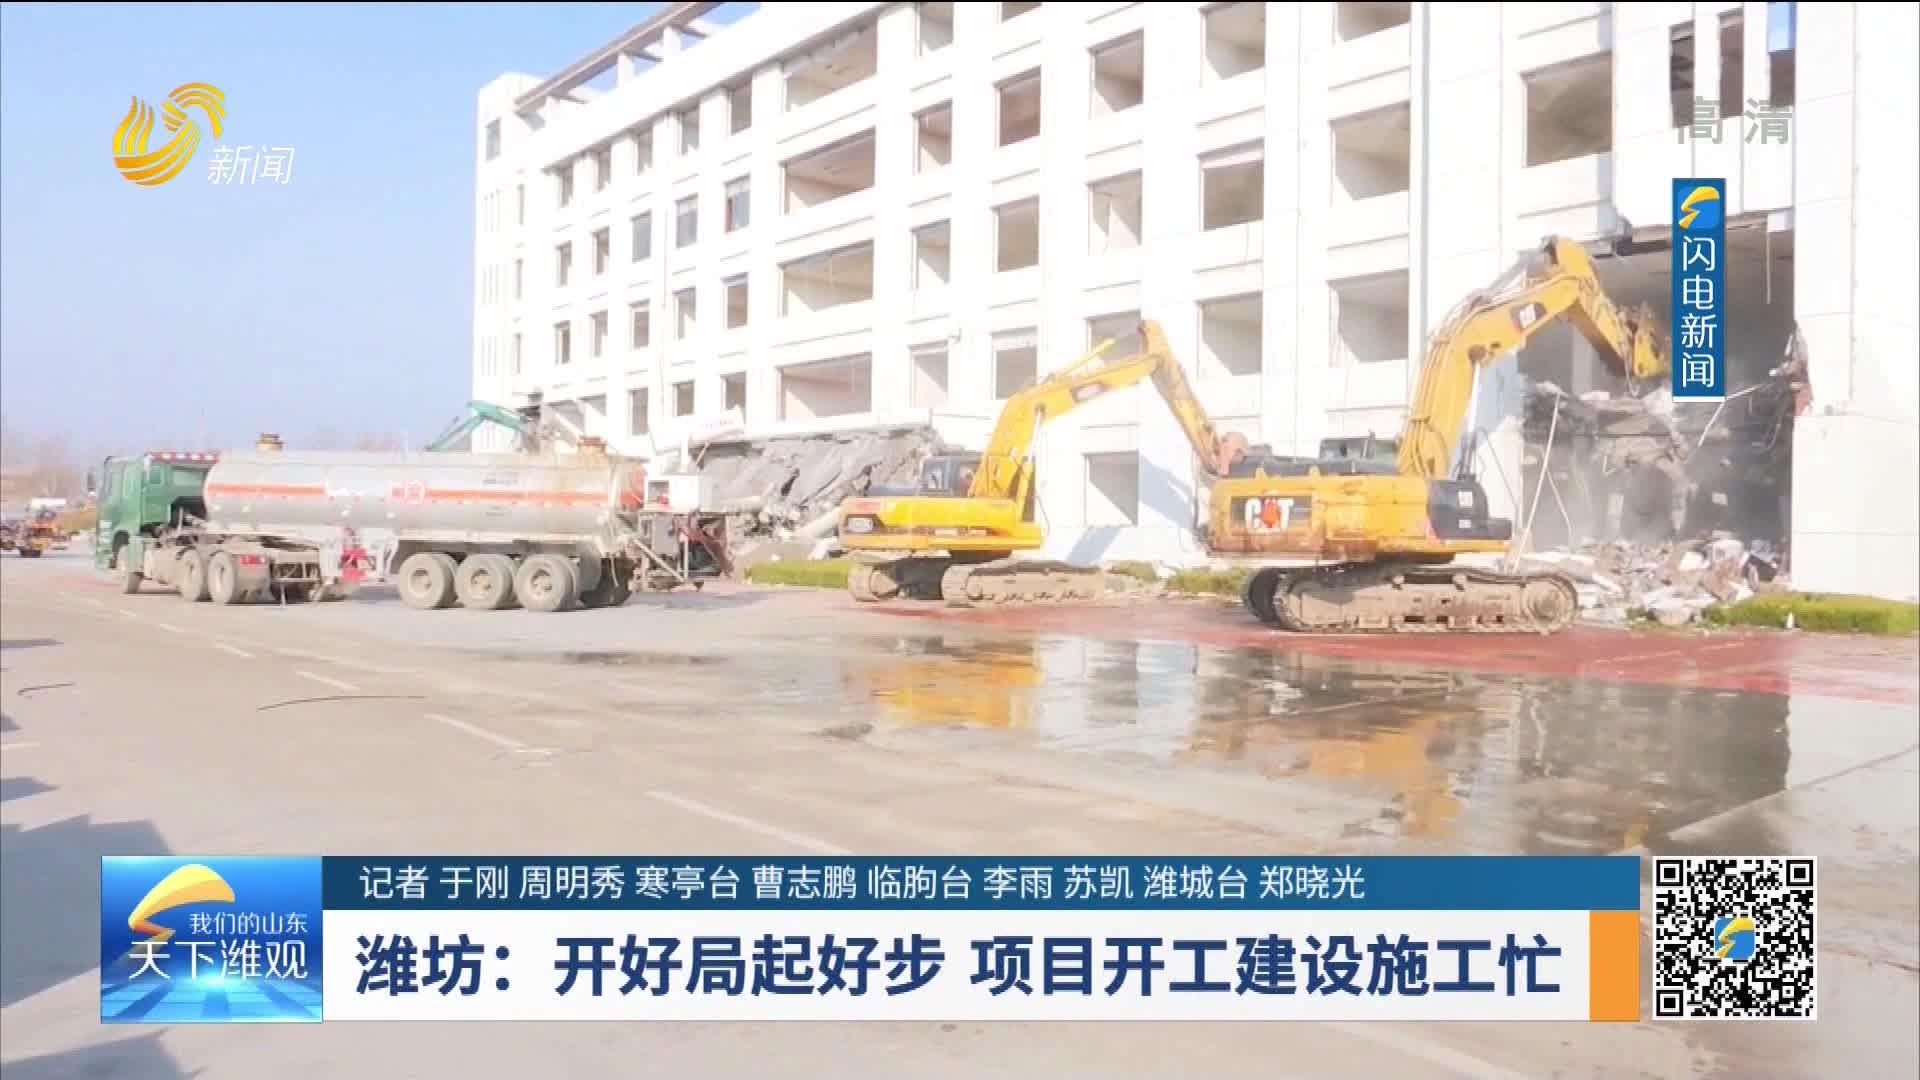 【潍不雅观头条】潍坊:开好局起好步 项目开工建设施工忙